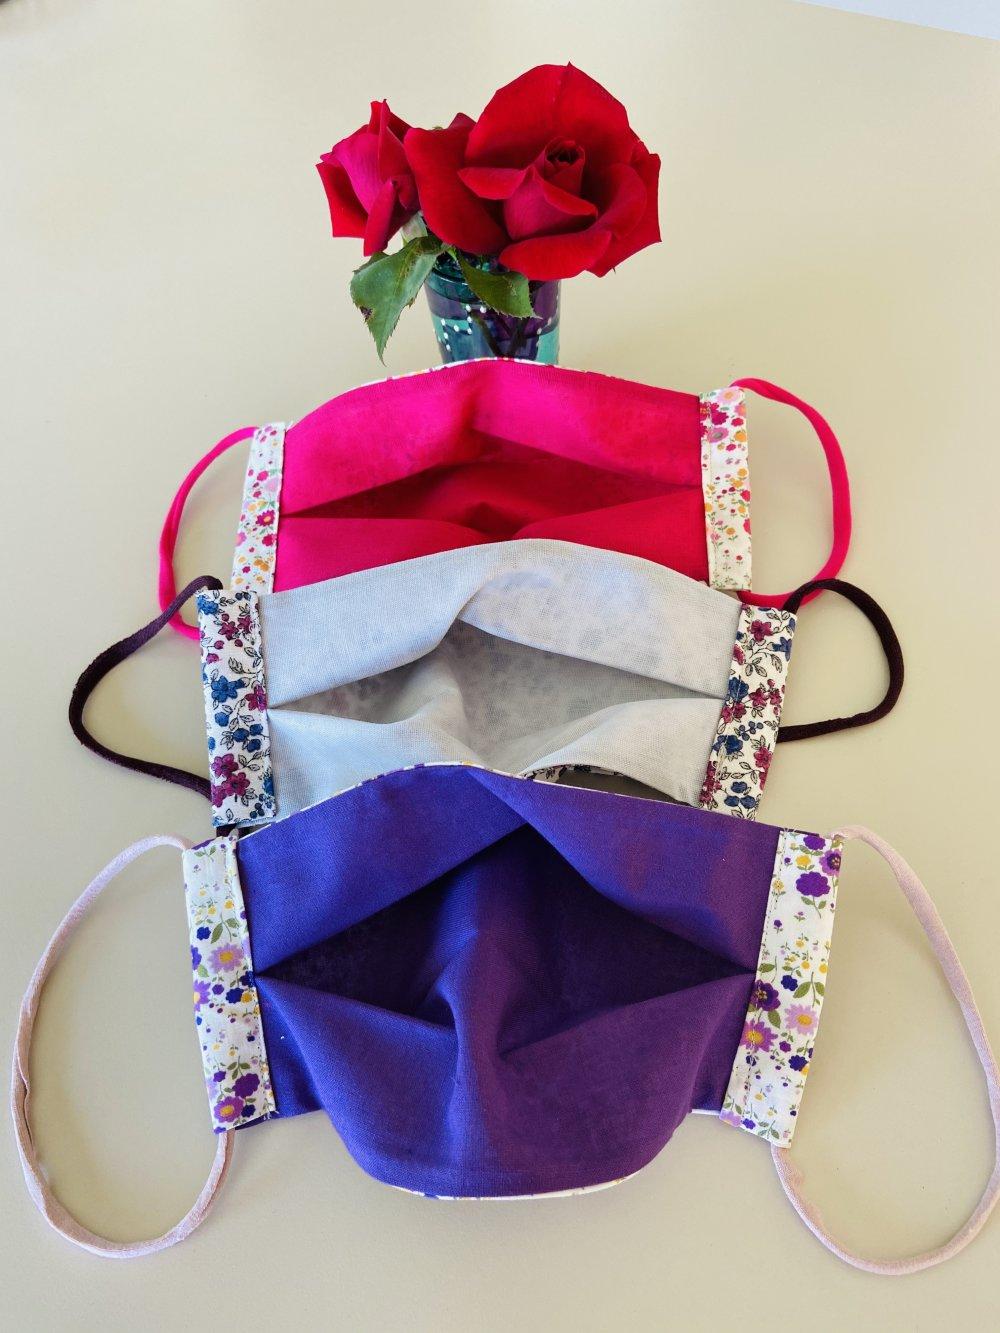 Lot de 3 masques AFNOR lavables coton imprimé liberty fuschia, mauve, bleu fermés par des cordonnets élastiques oreilles